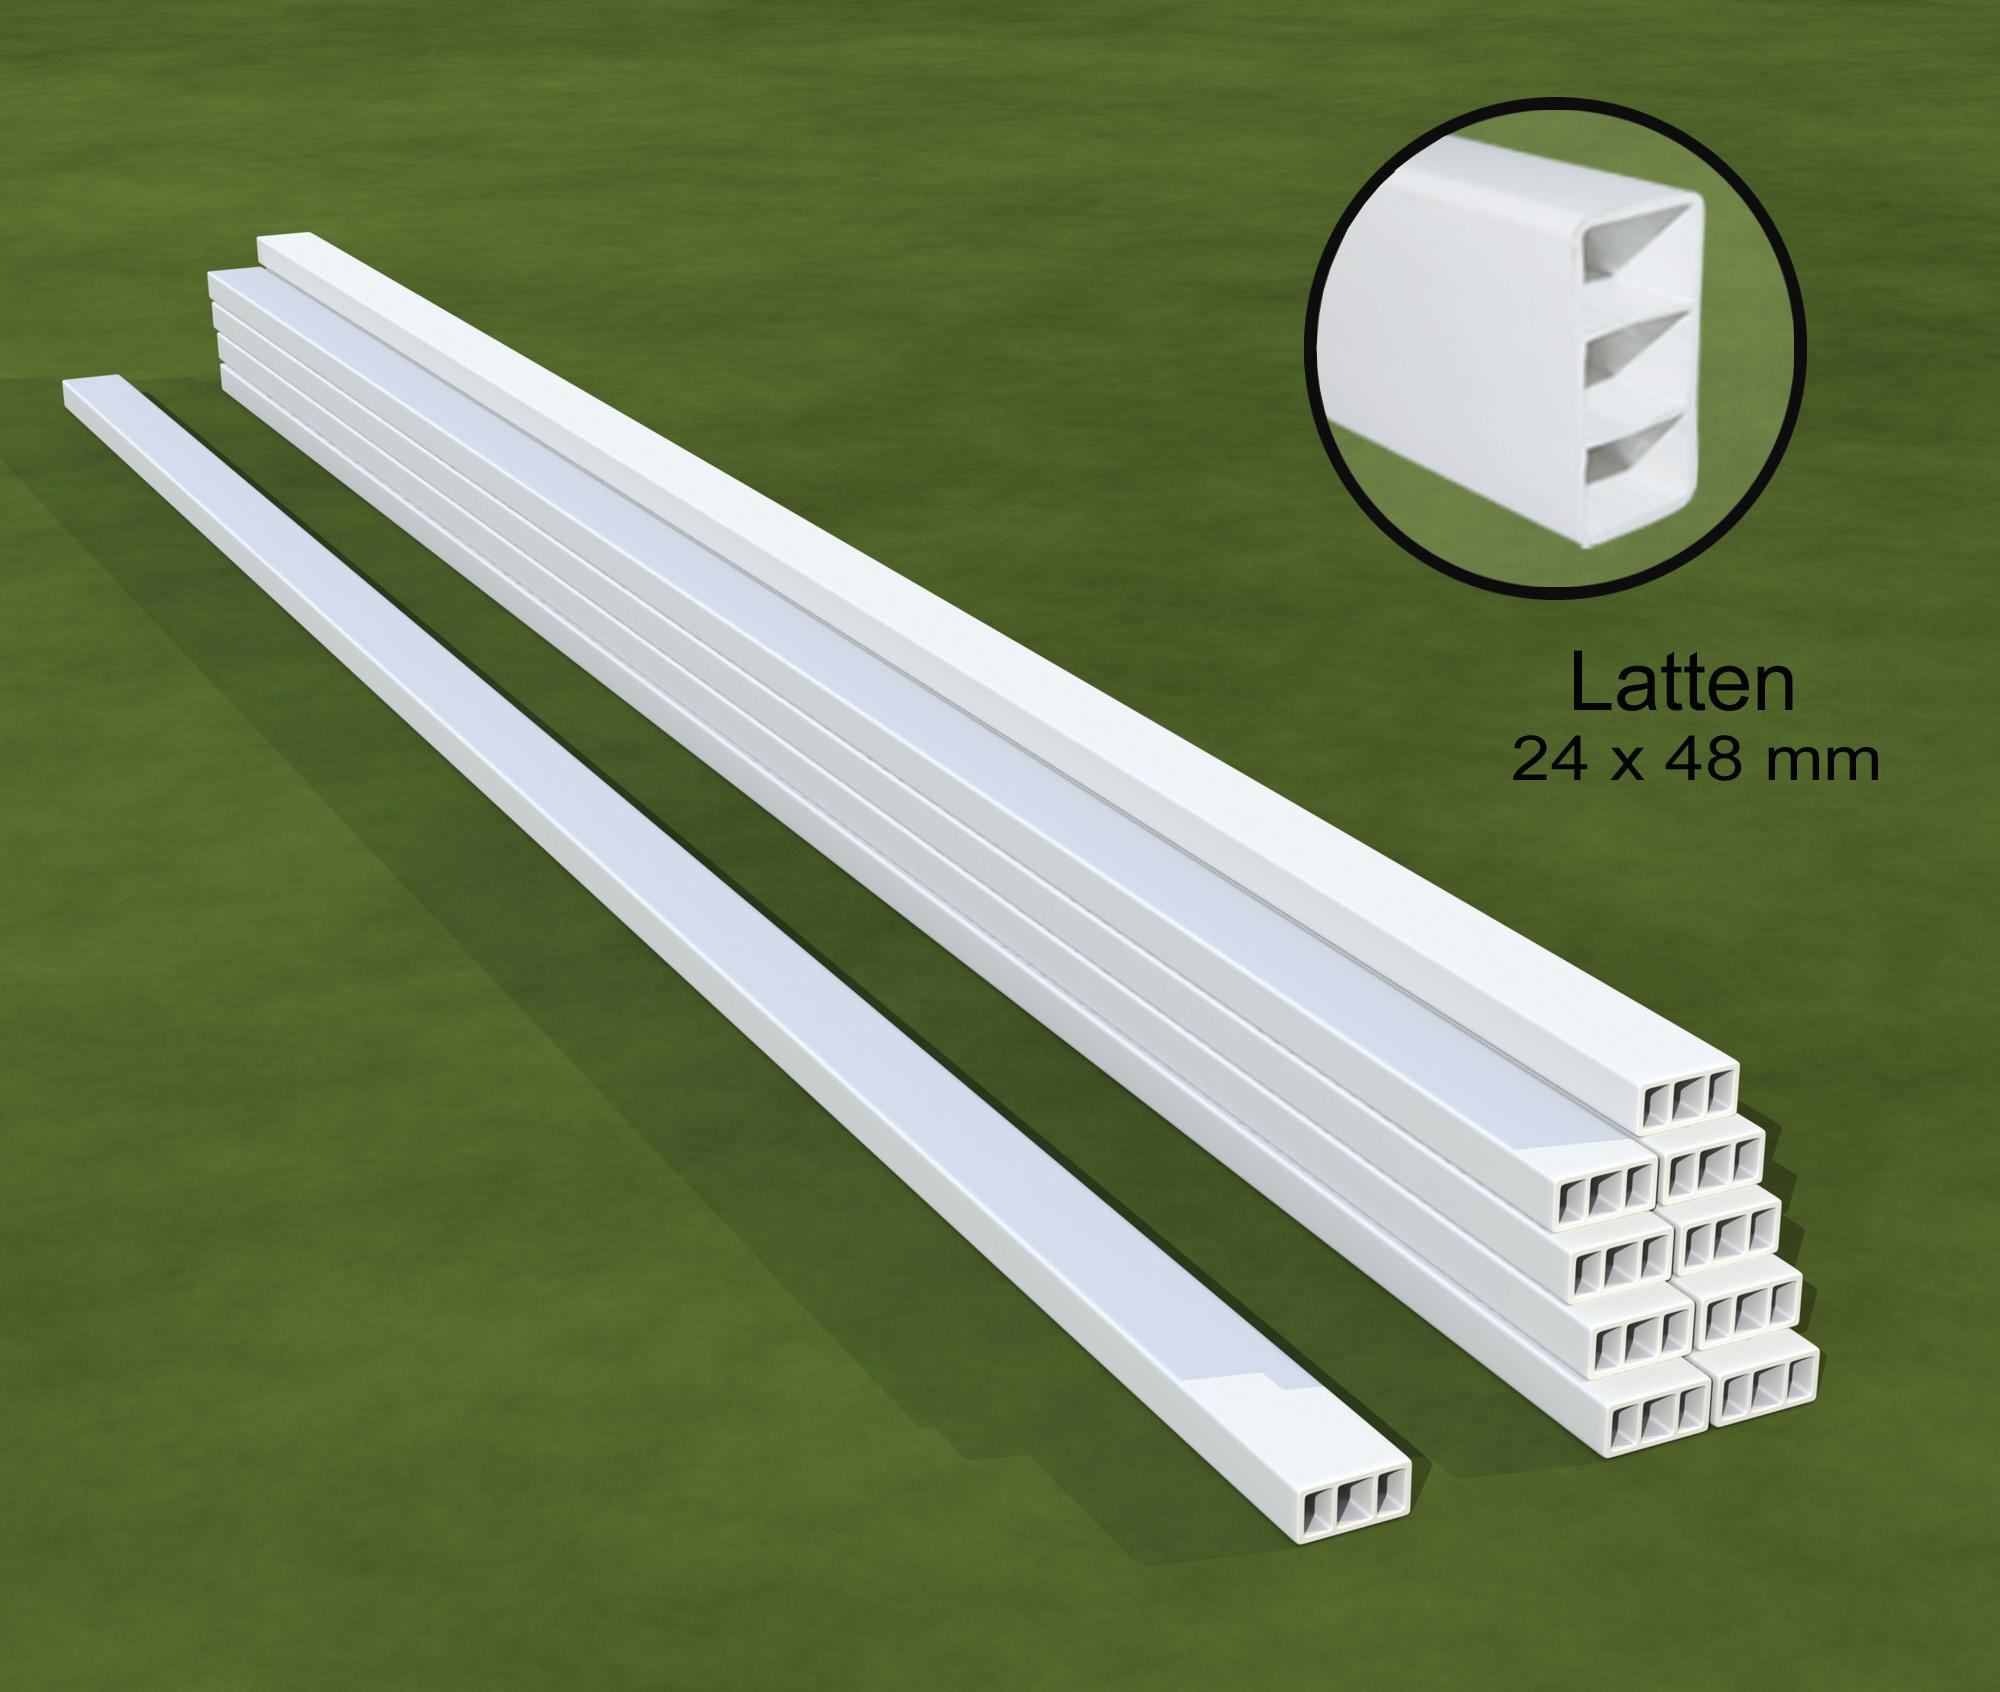 1 Bund Dachlattenprofil aus Kunststoff, 10 Kunststoff Latten 1,00 m lang